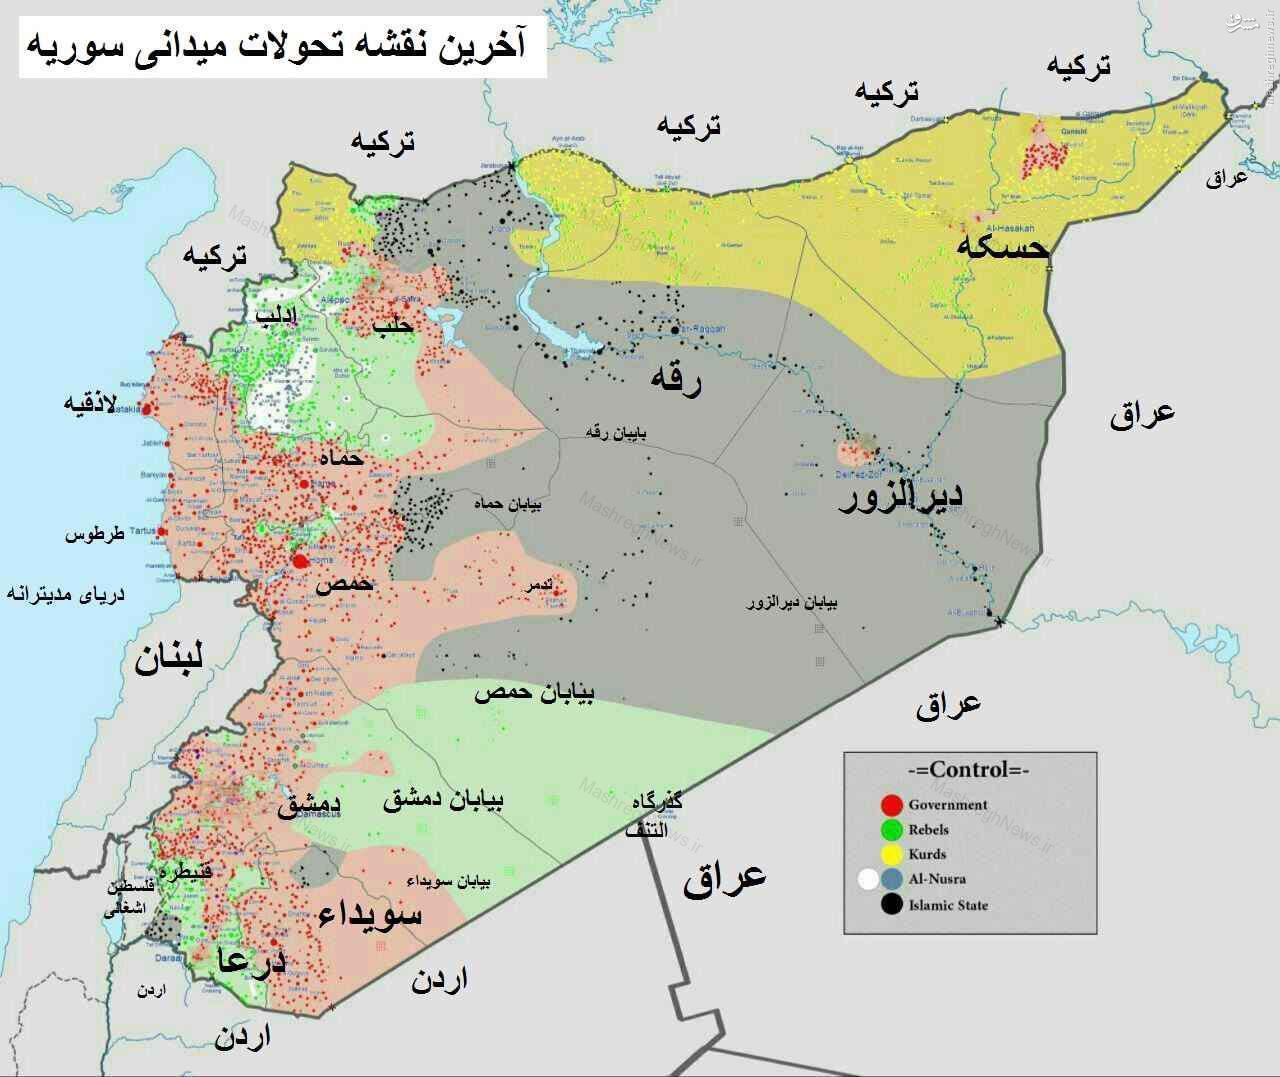 آغاز مرحله «ما بعد تدمر» در شرق سوریه/ قریتین، دیرالزور و رقه اهداف بعدی عملیات محور مقاومت/ تک و پاتک خونین داعش و القاعده در القلمون + عکس، فیلم و نقشه